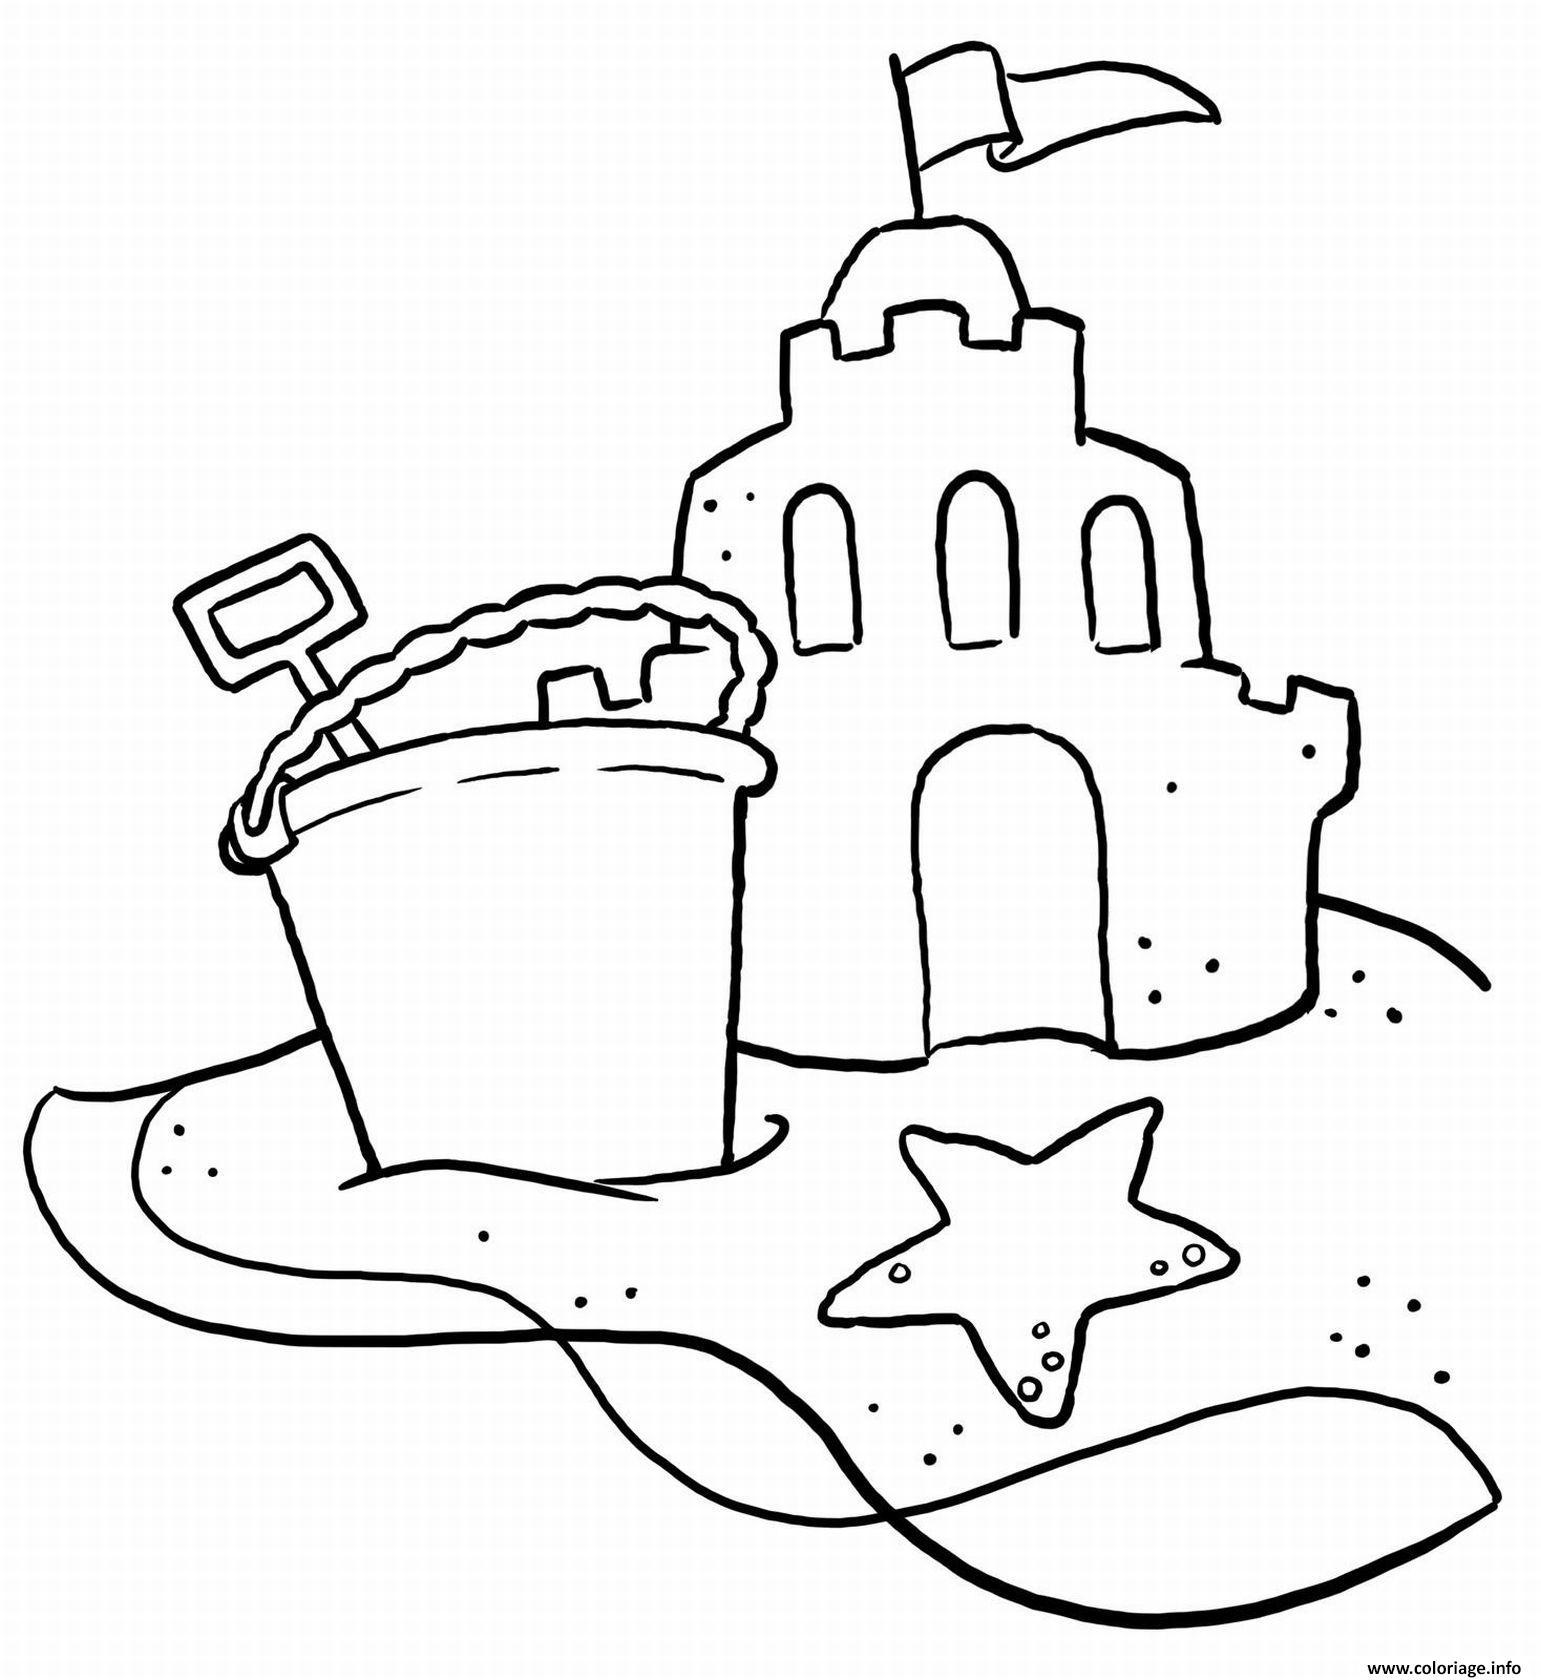 Coloriage chateau de sable vacance ete dessin - Coloriage ete ...